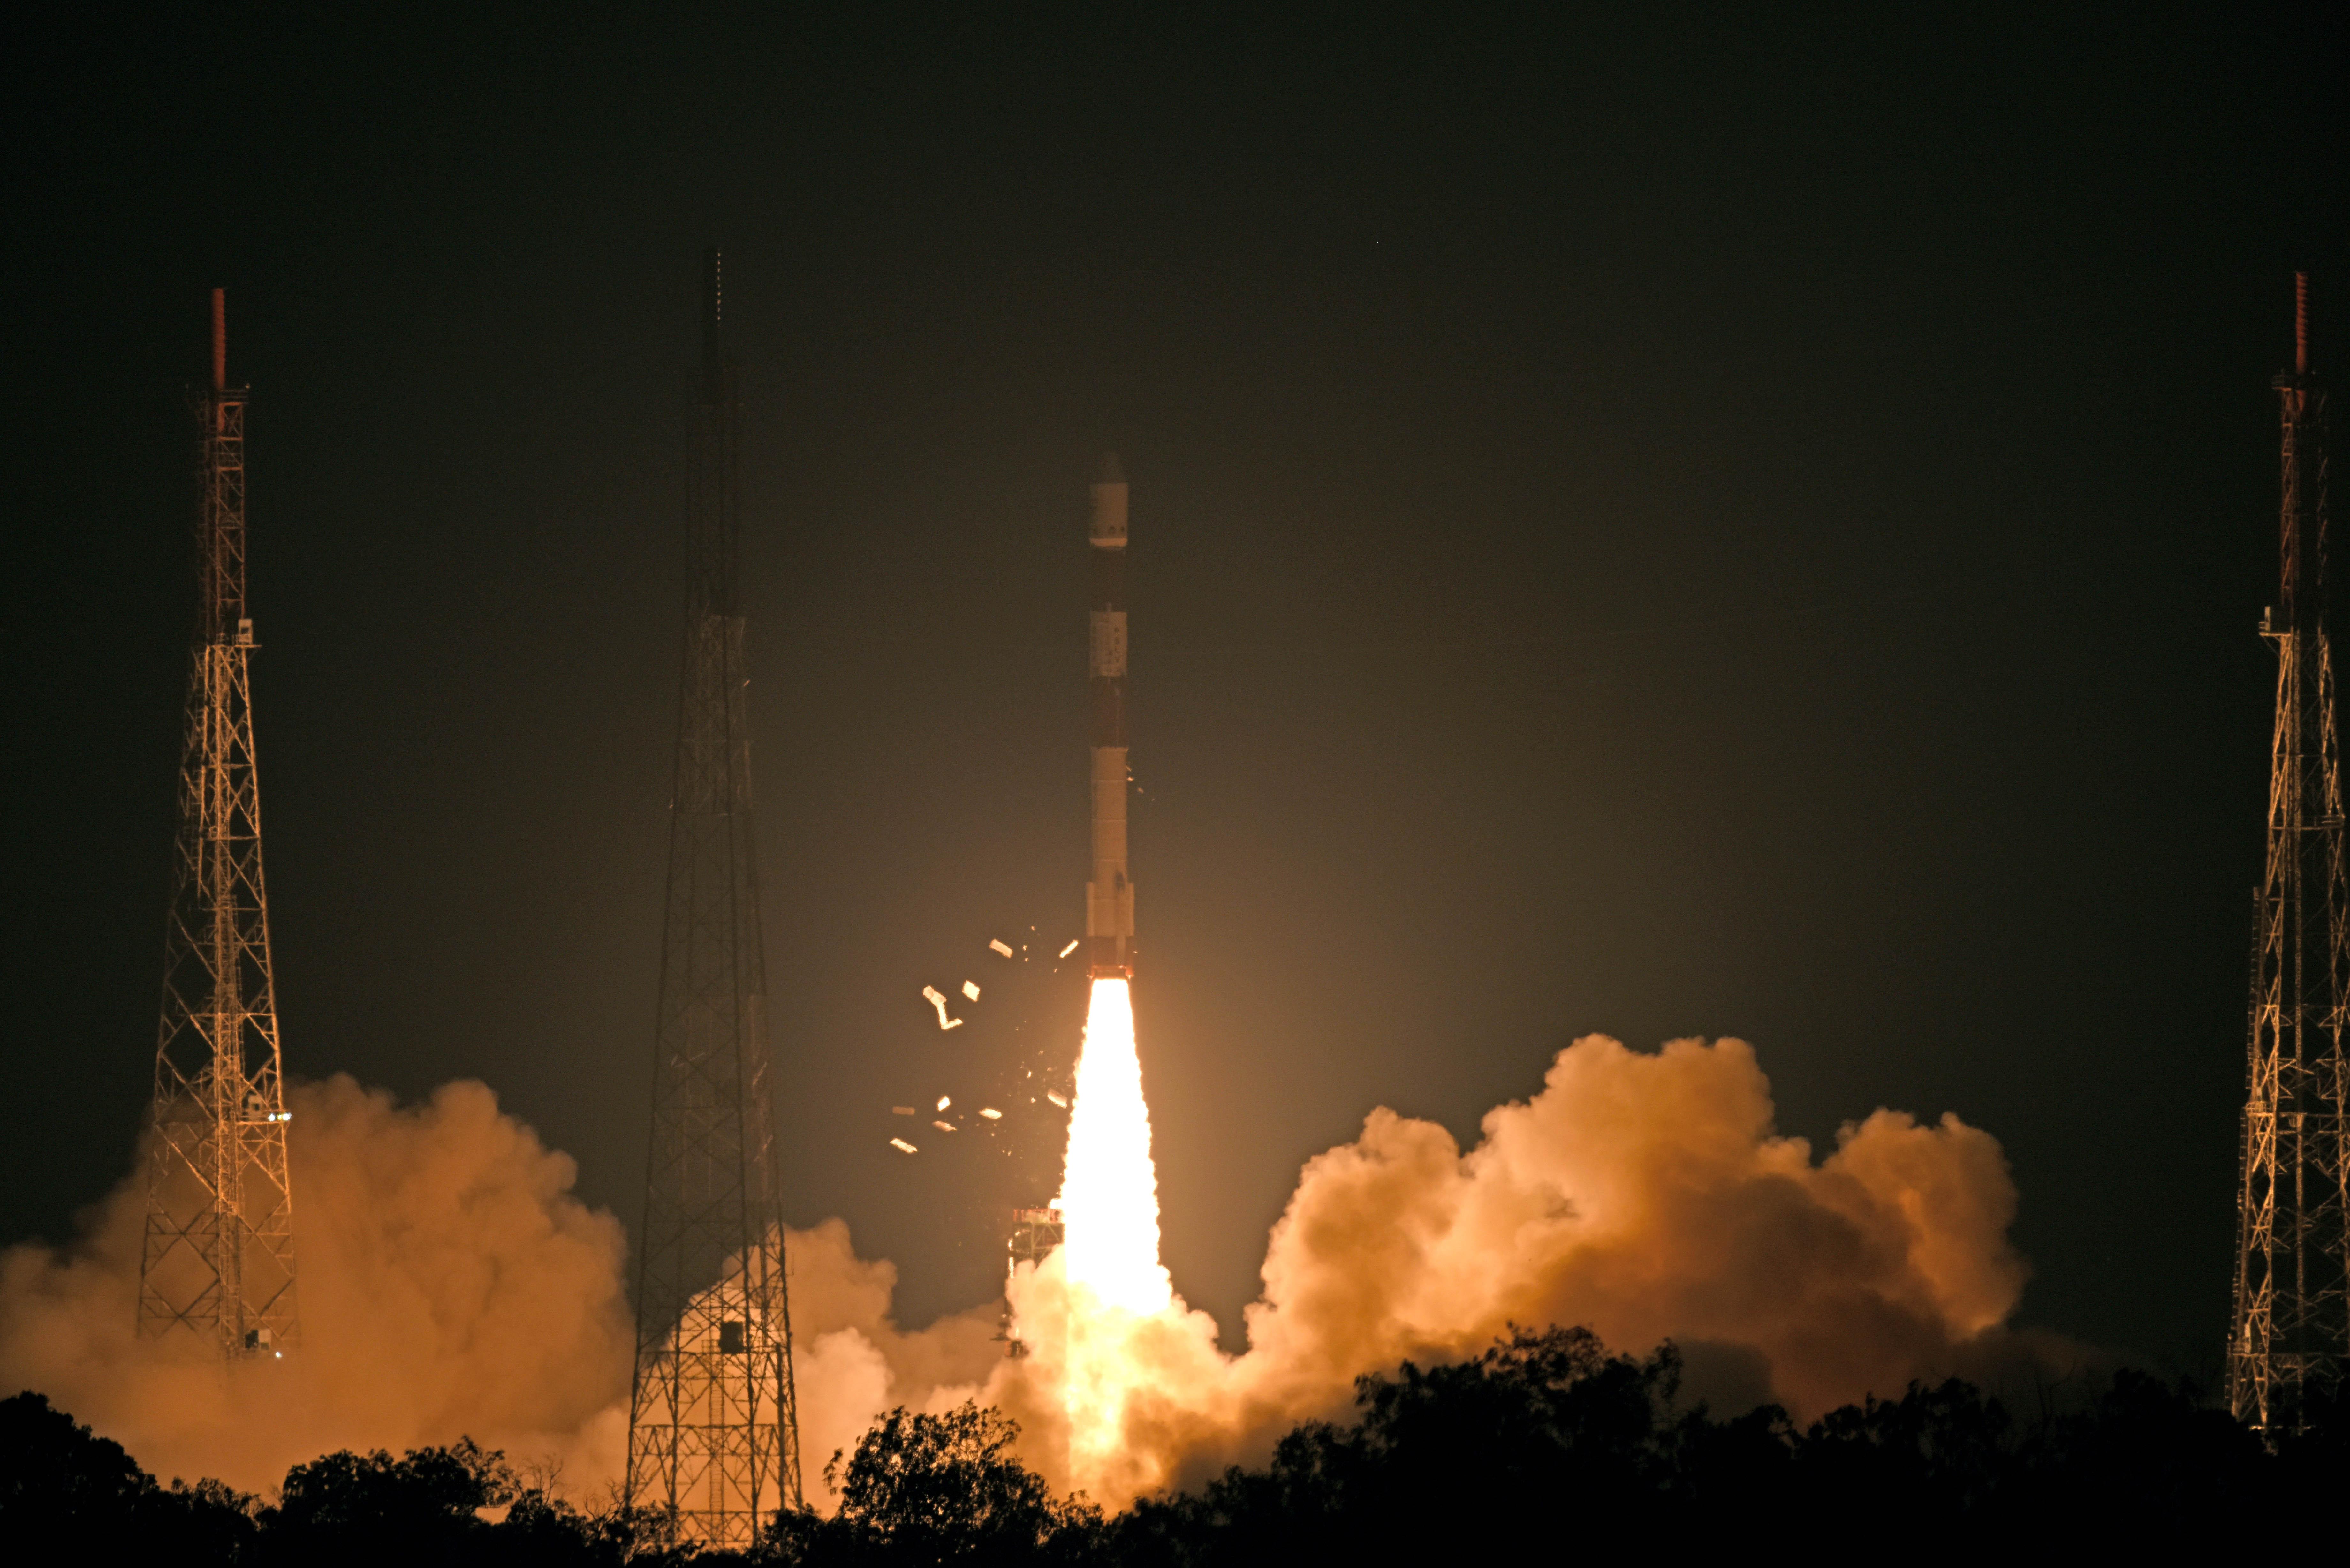 पीएसएलव्ही-सी 46 द्वारे रिसॅट-2 बी उपग्रहाचे यशस्वी प्रक्षेपण